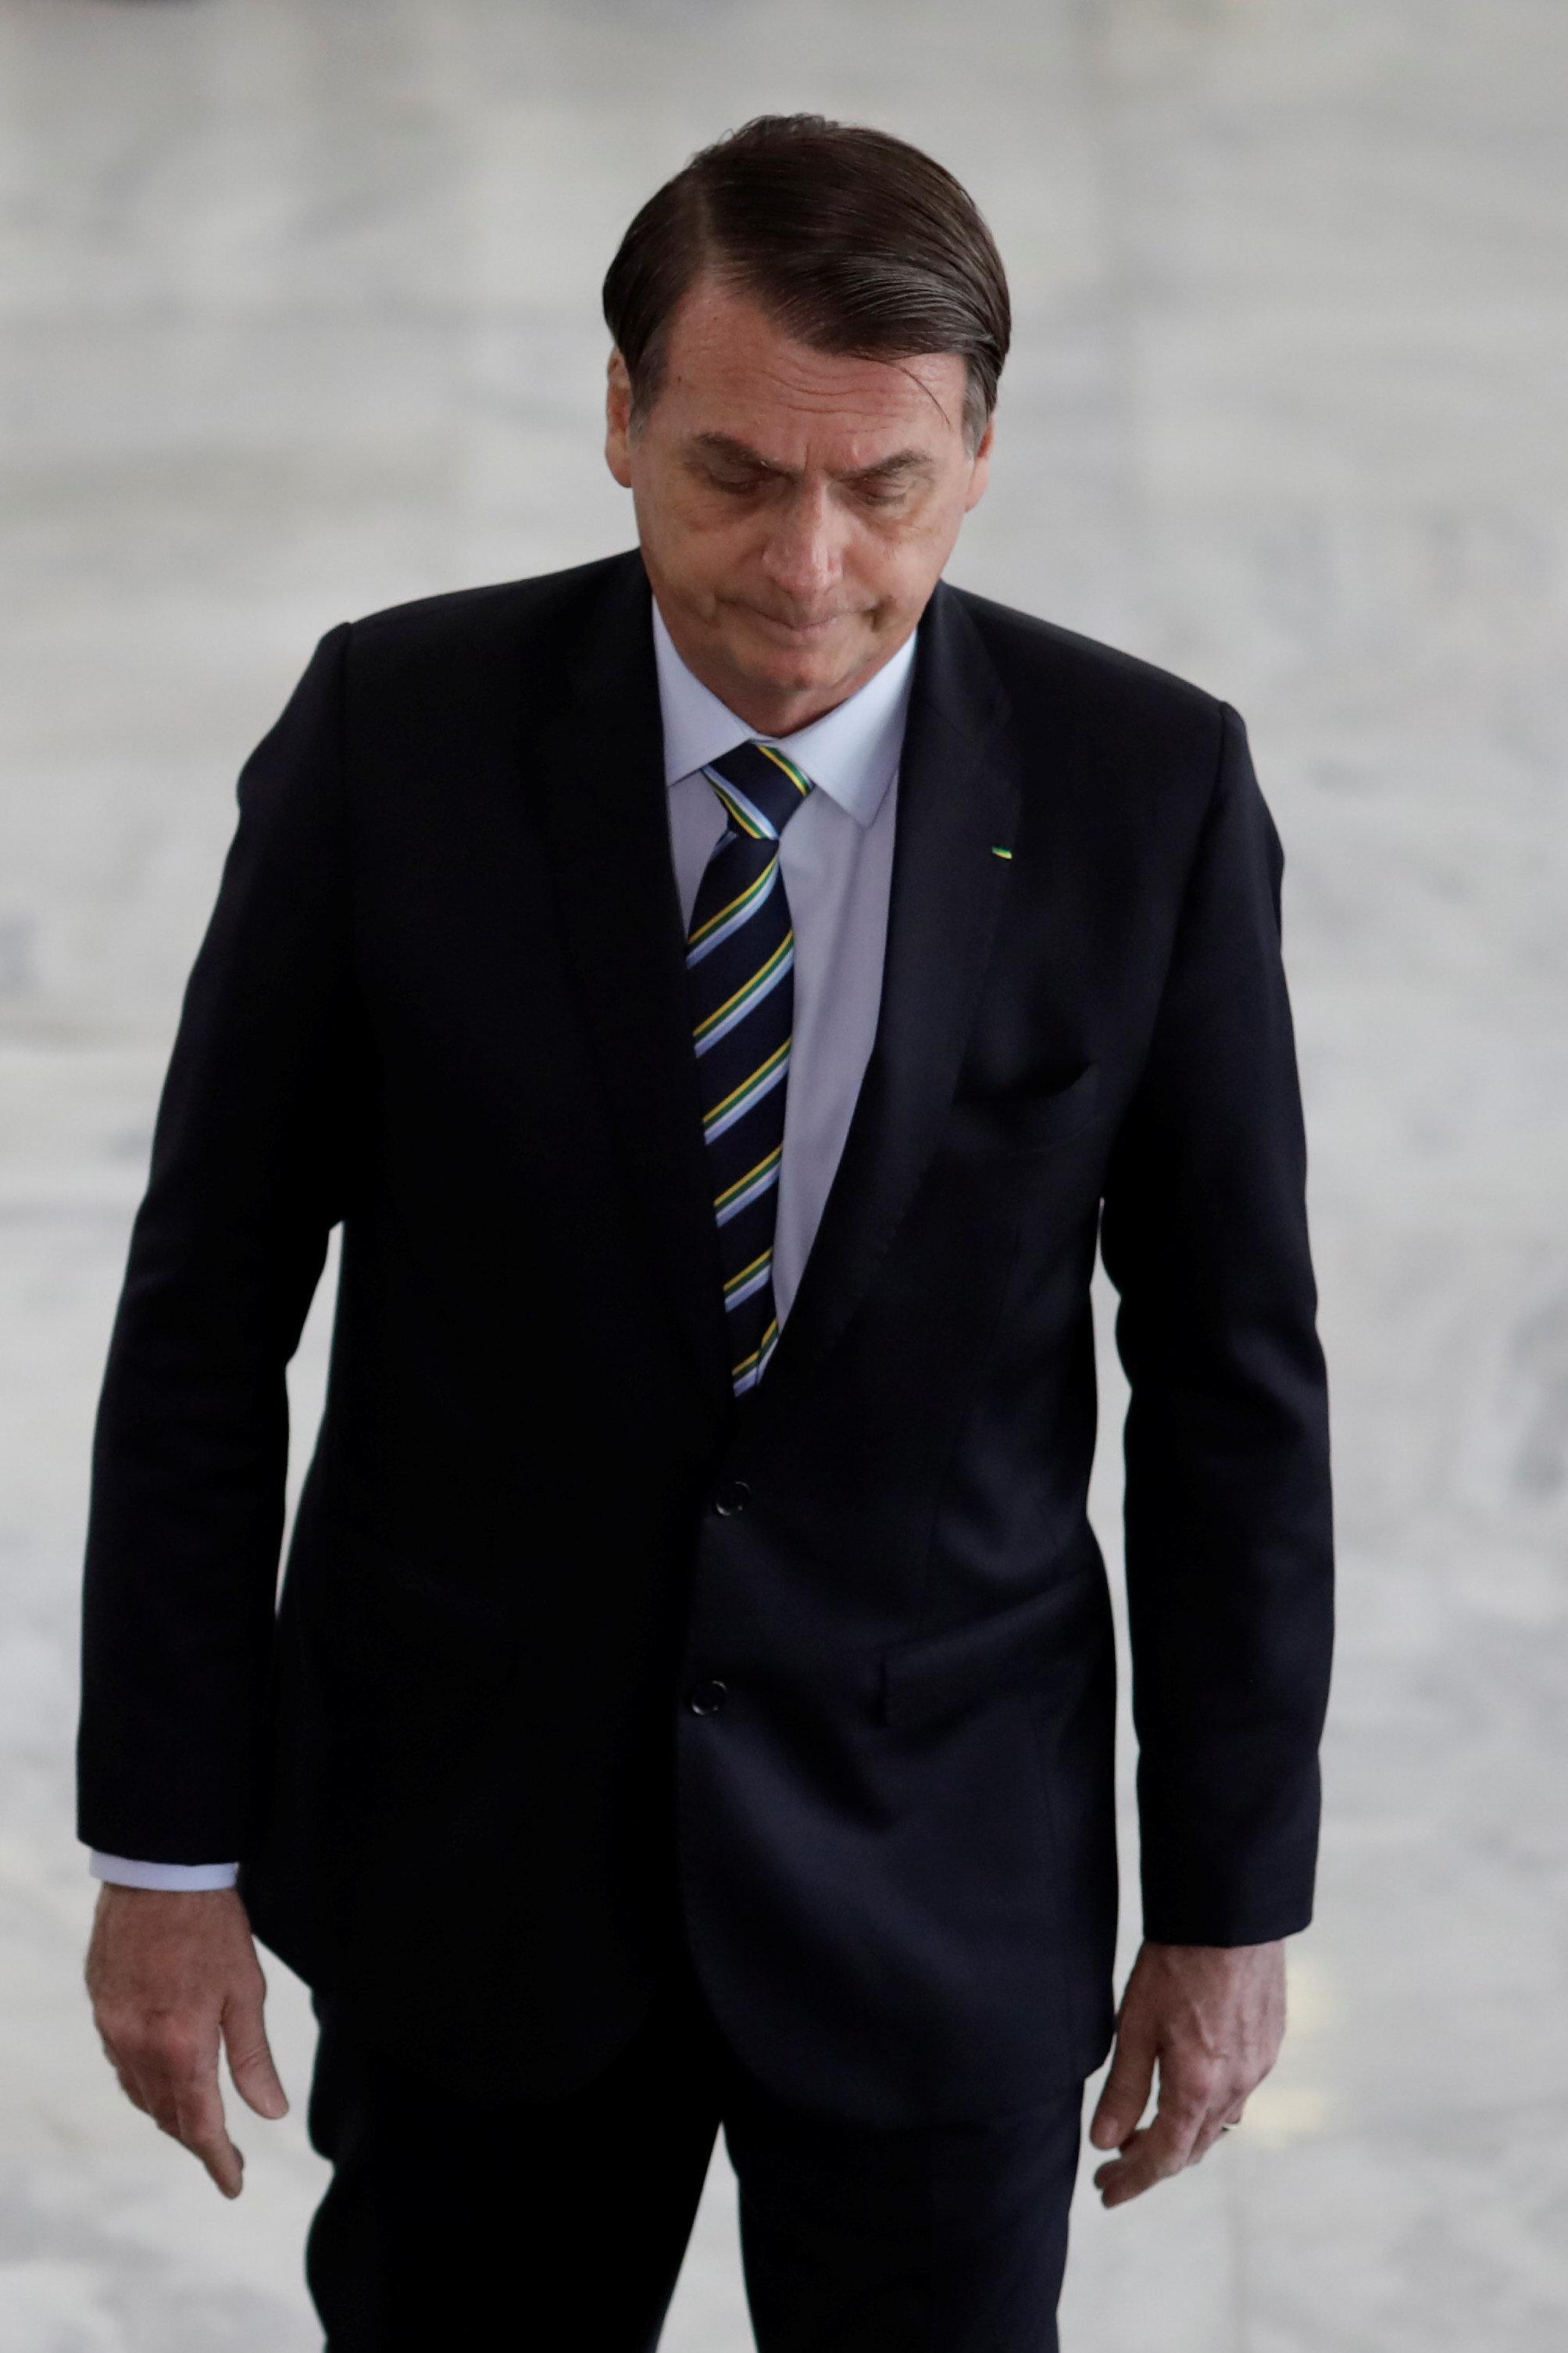 OPINIÃO | Bolsonaro presta condolências às famílias de Suzano... 6 horas após